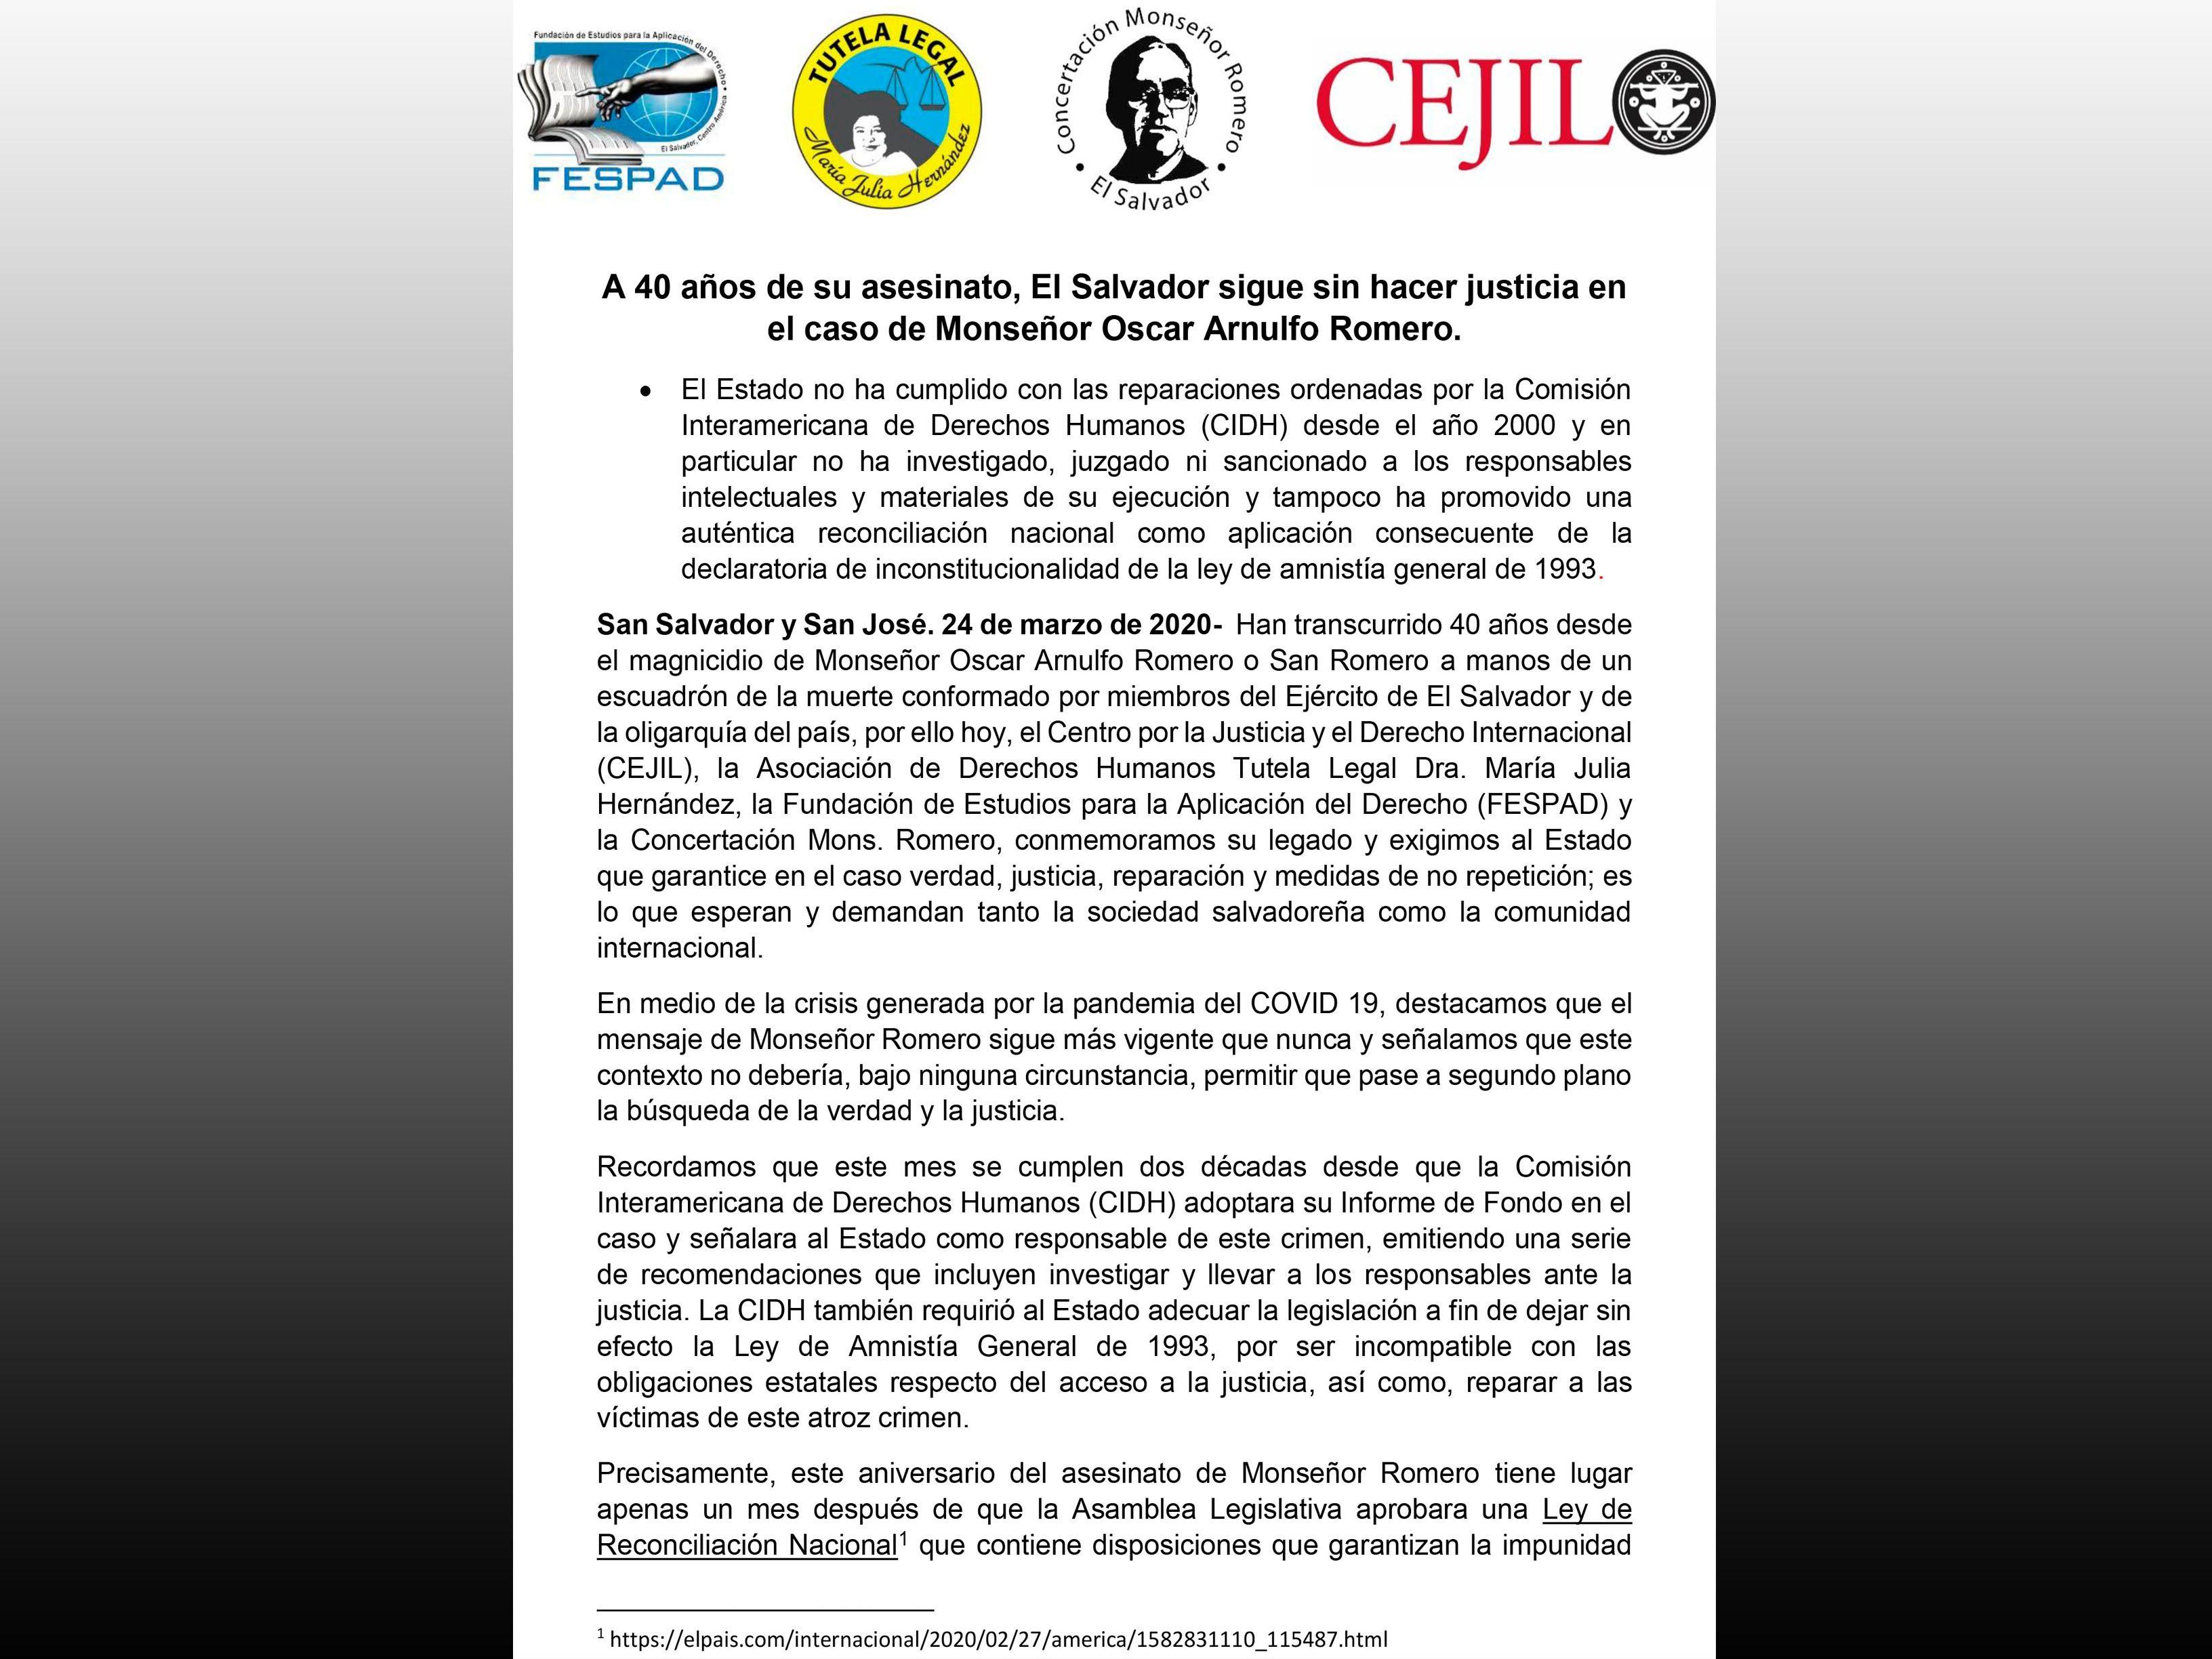 COMUNICADO: El Salvador sigue sin hacer justicia en caso de Monseñor Romero.